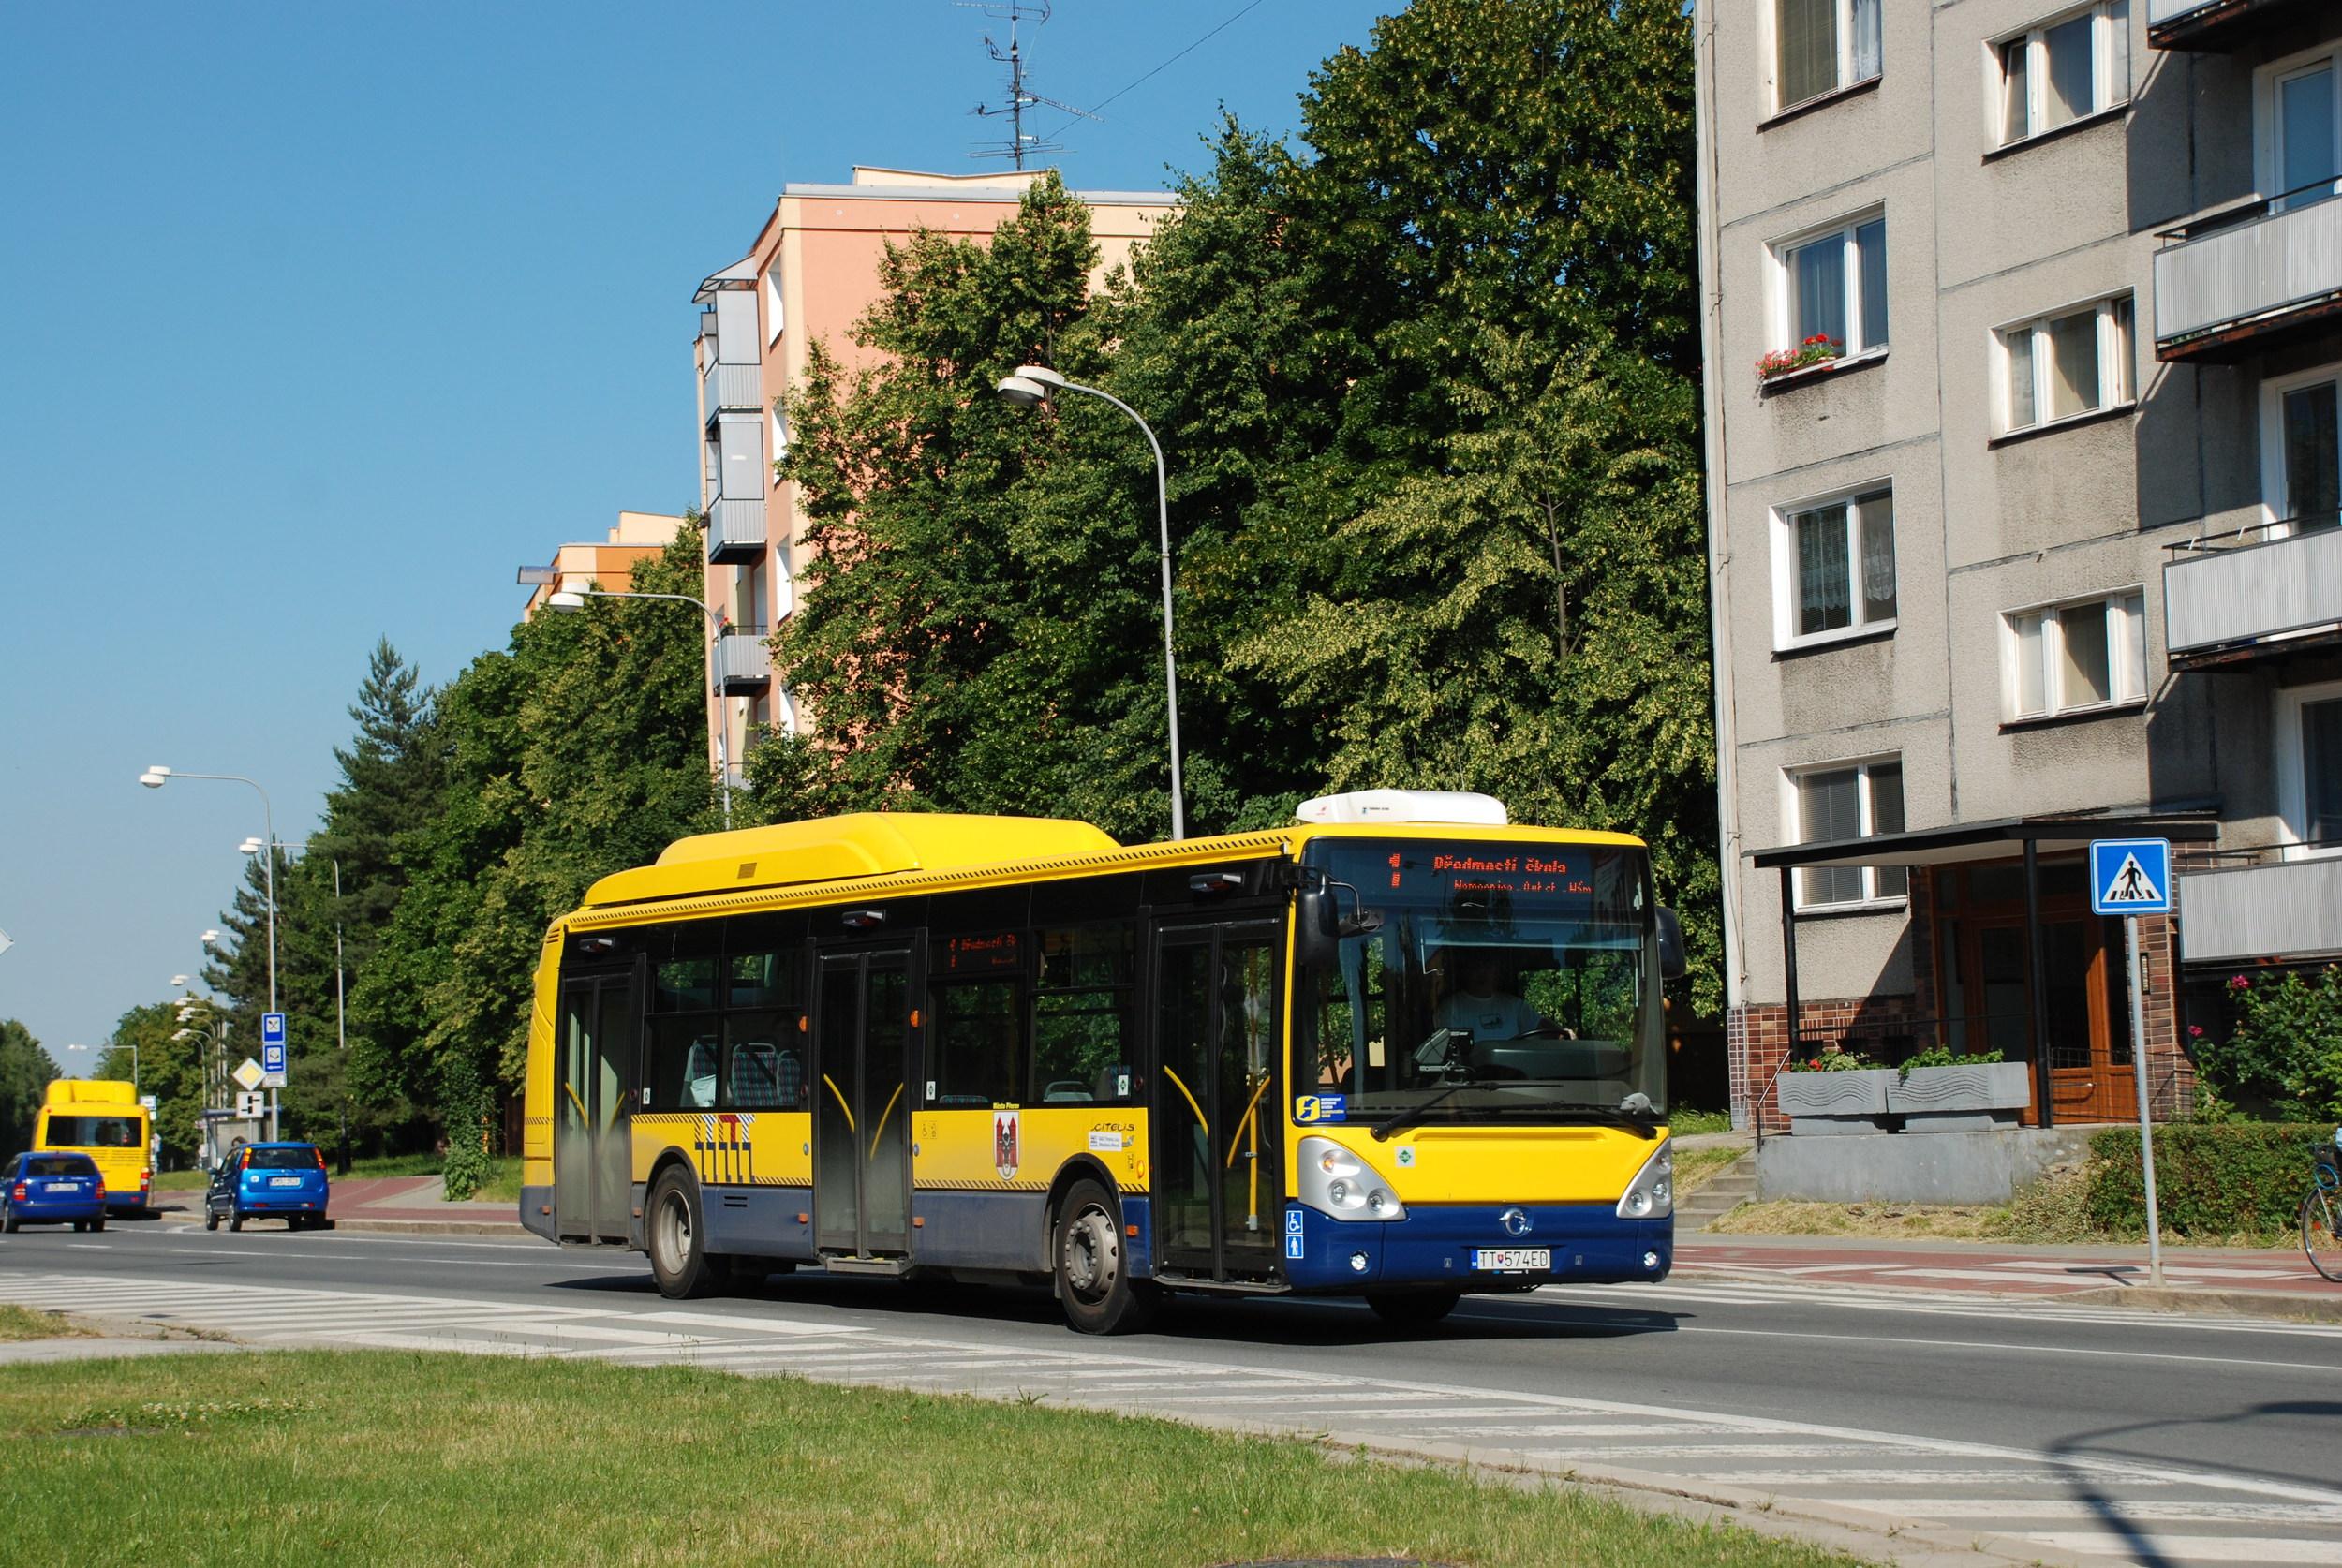 Autobus Citelis 12M CNG byl pořízen v roce 2010 pro obnovu vozového parku ještě společností SAD Trnava. Později sloužil u DLS a nyní si jej pronajímá ARRIVA MORAVA. (foto: Libor Hinčica)